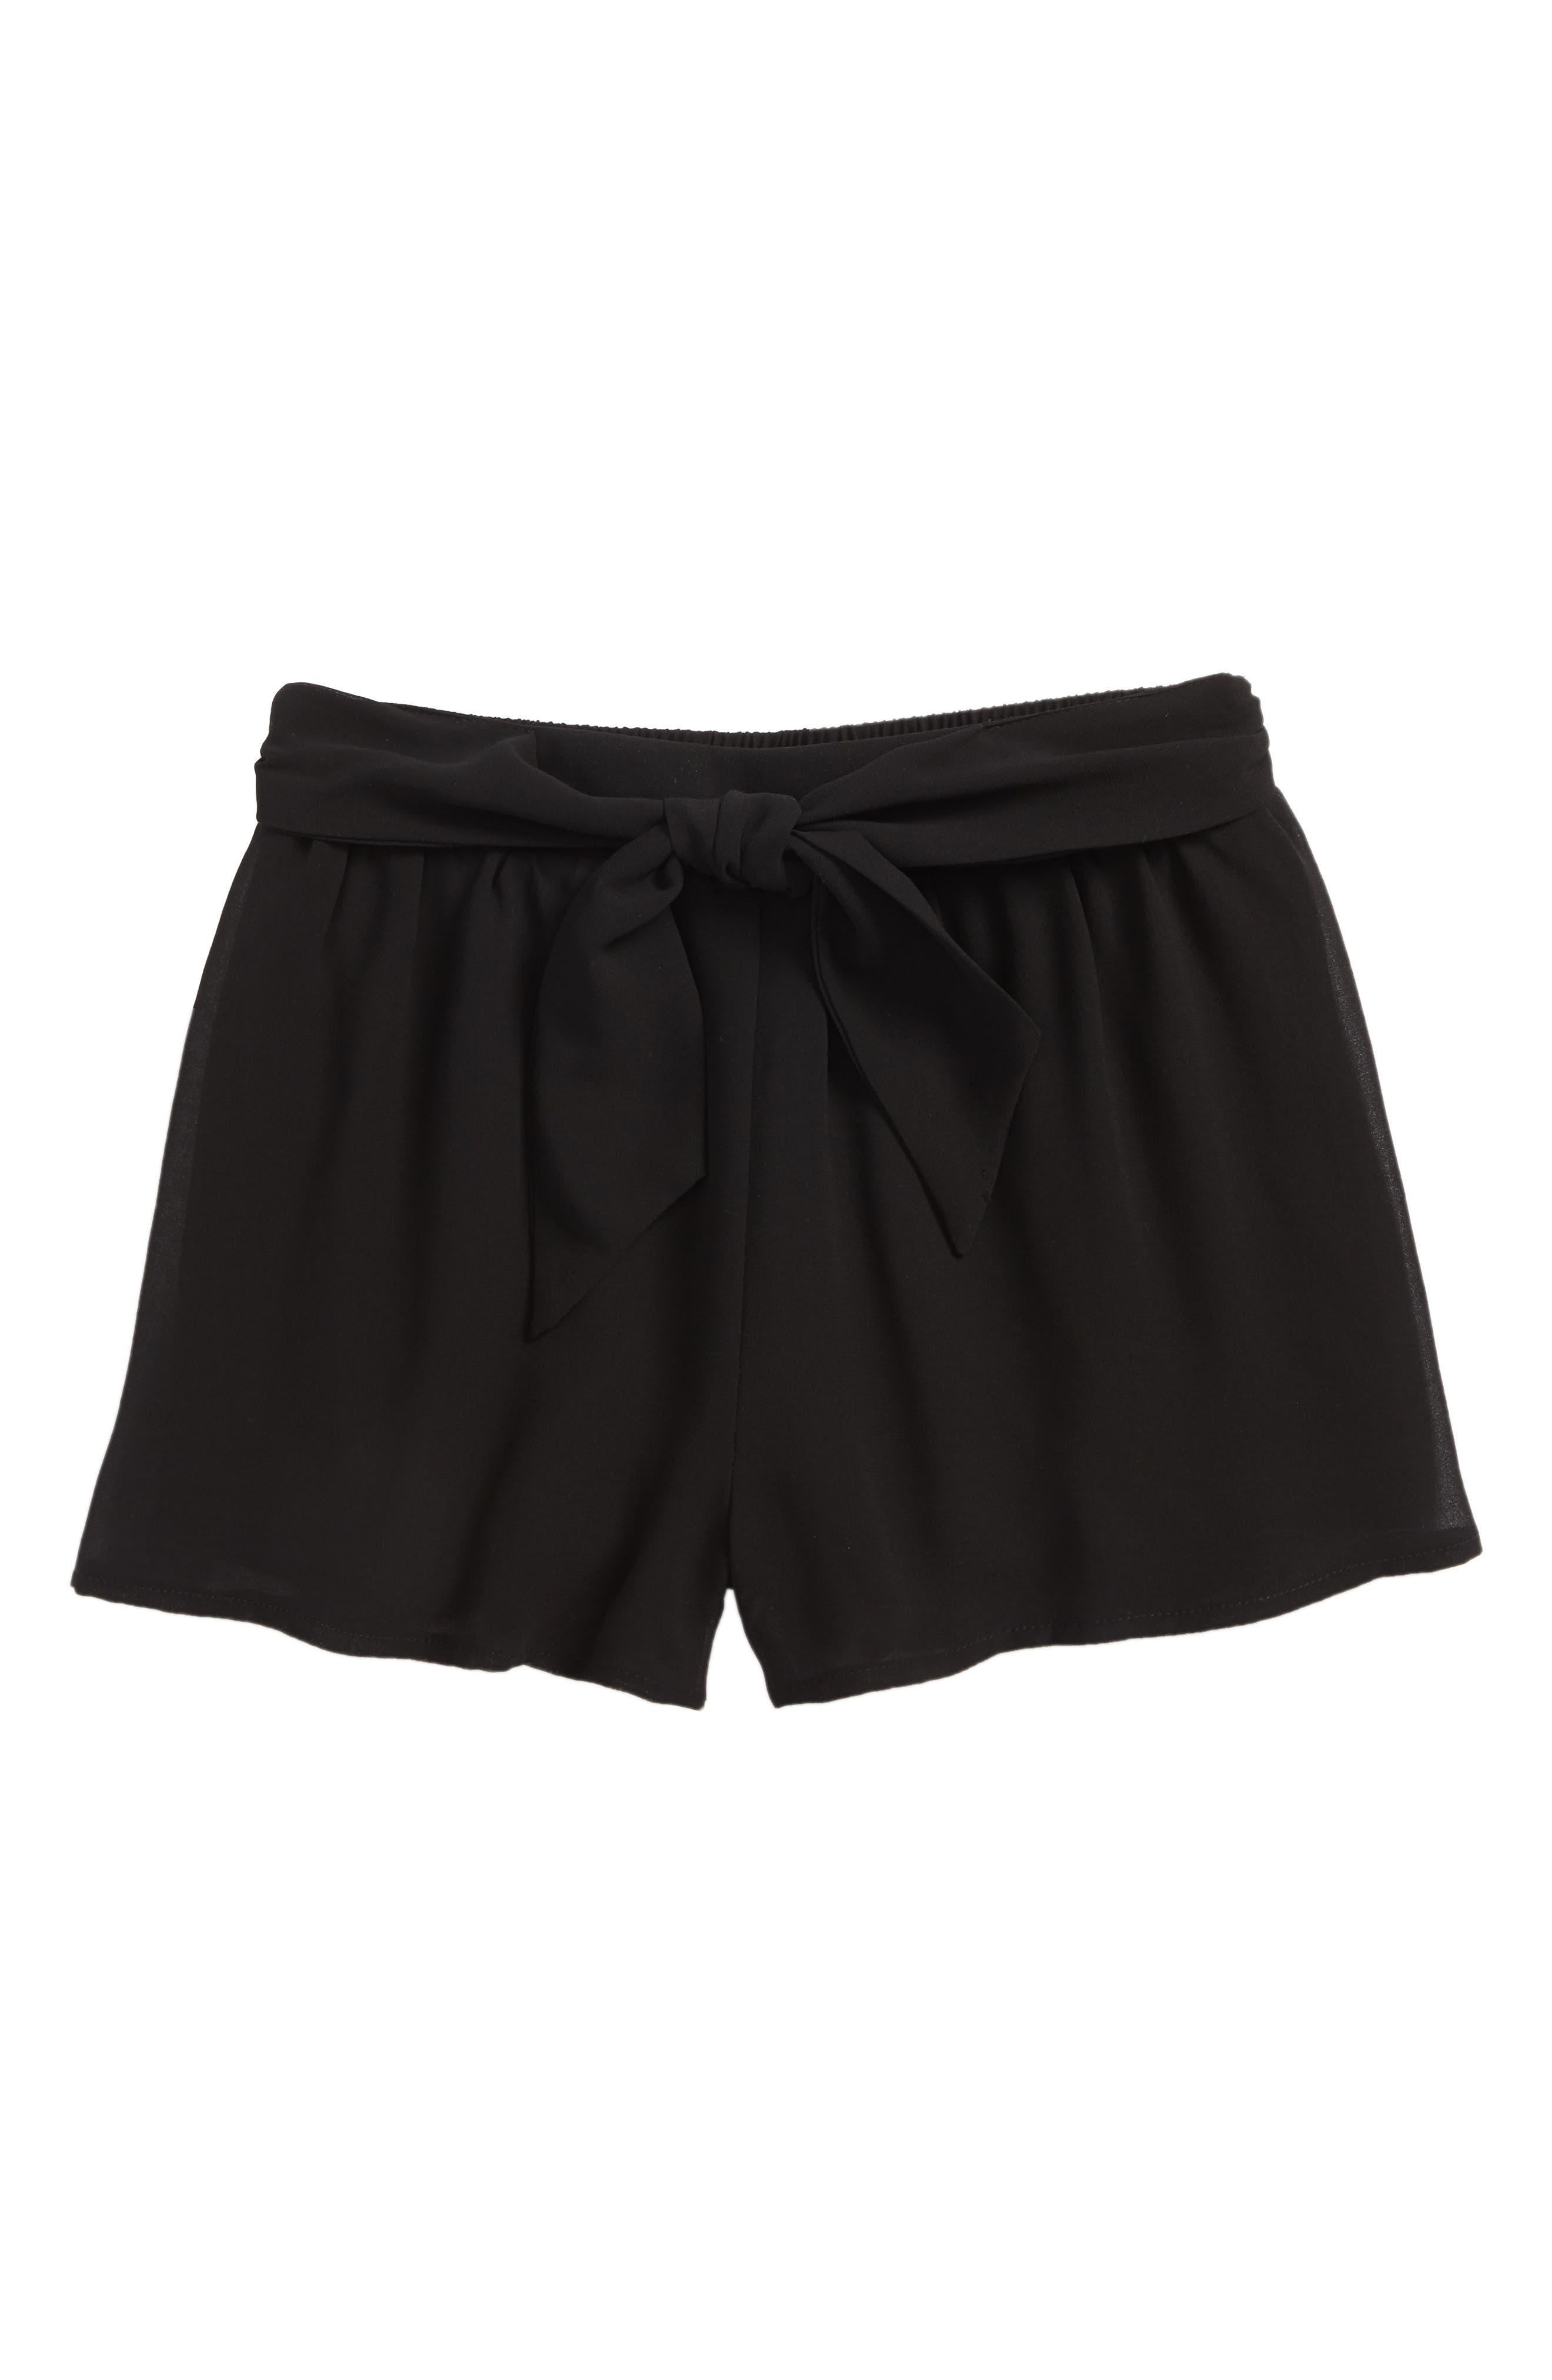 Bridget Shorts,                         Main,                         color, 001